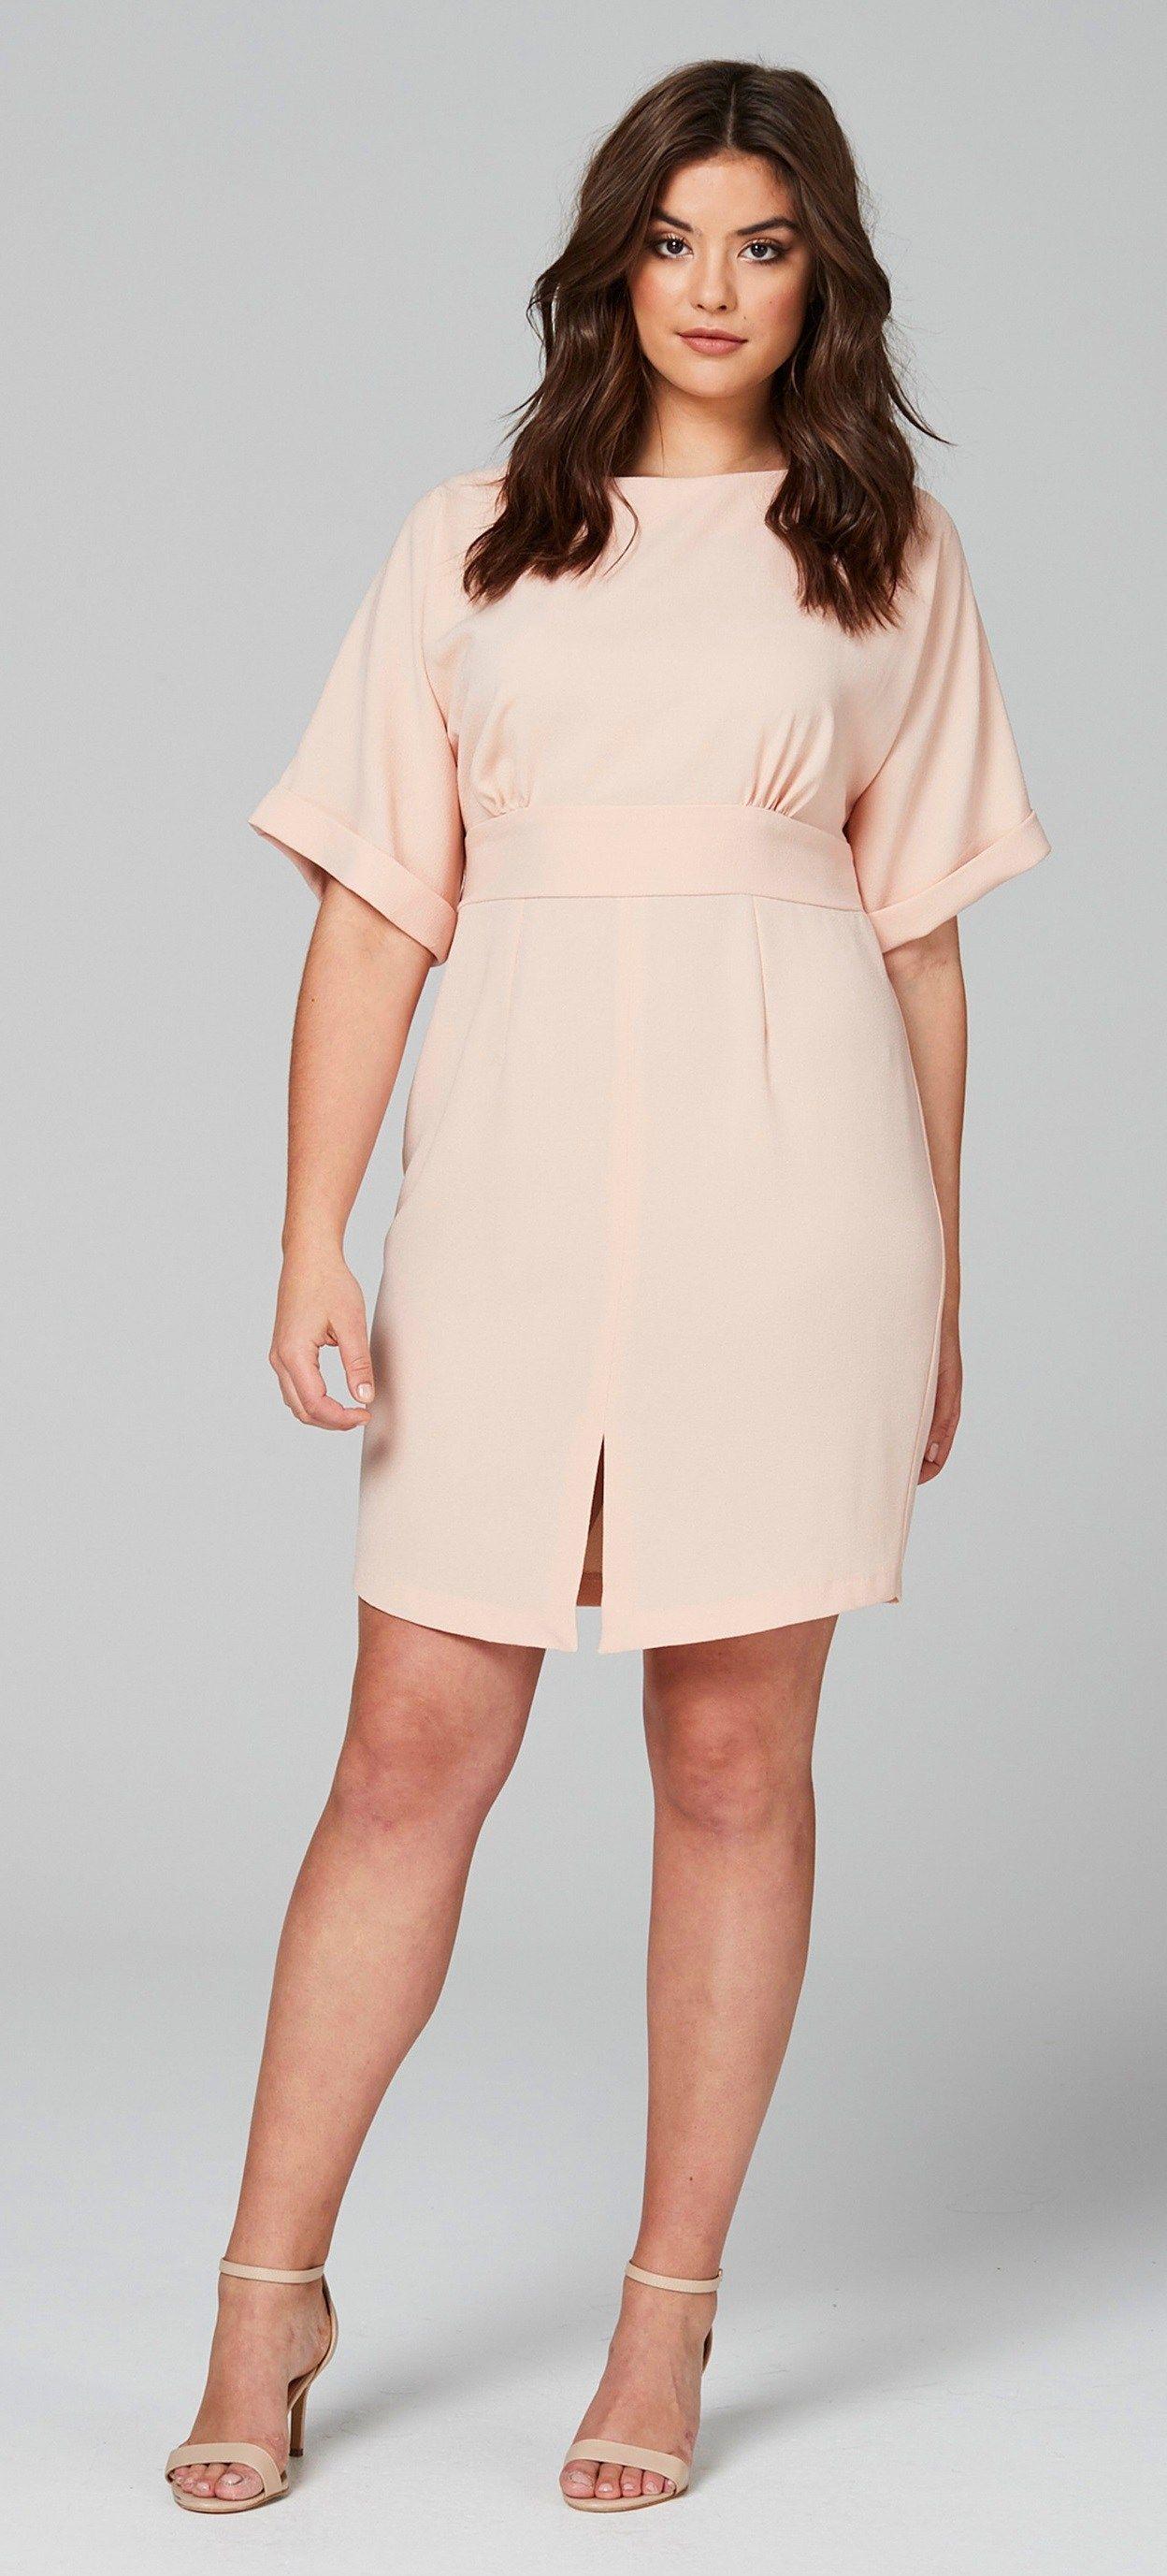 كف، نخلة تنضج لوث stein mart plus size cocktail dresses